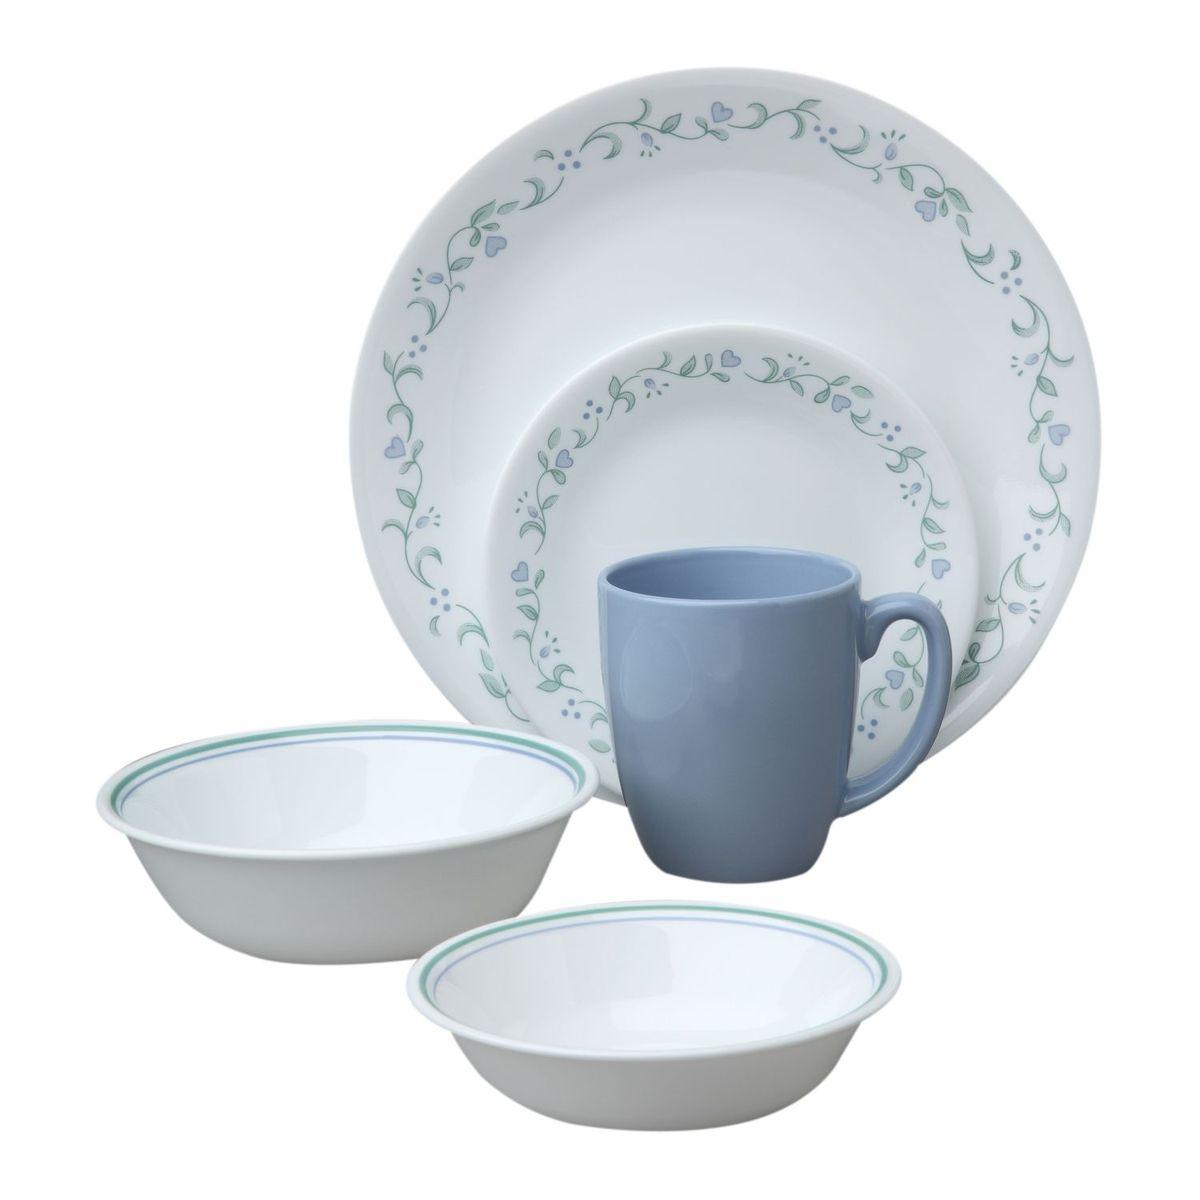 Набор посуды Country Cottage 12пр, цвет: белый с узором1114029Преимуществами посуды Corelle являются долговечность, красота и безопасность в использовании. Вся посуда Corelle изготавливается из высококачественного ударопрочного трехслойного стекла Vitrelle и украшена деколями американских и европейских дизайнеров. Рисунки не стираются и не царапаются, не теряют свою яркость на протяжении многих лет. Посуда Corelle не впитывает запахов и очень долгое время выглядит как новая. Уникальная эмаль, используемая во время декорирования, фактически становится единым целым с поверхностью стекла, что гарантирует долгое сохранение нанесенного рисунка. Еще одним из главных преимуществ посуды Corelle является ее безопасность. В производстве используются только безопасные для пищи пигменты эмали, при производстве посуды не применяется вредный для здоровья человека меламин. Изделия из материала Vitrelle:...